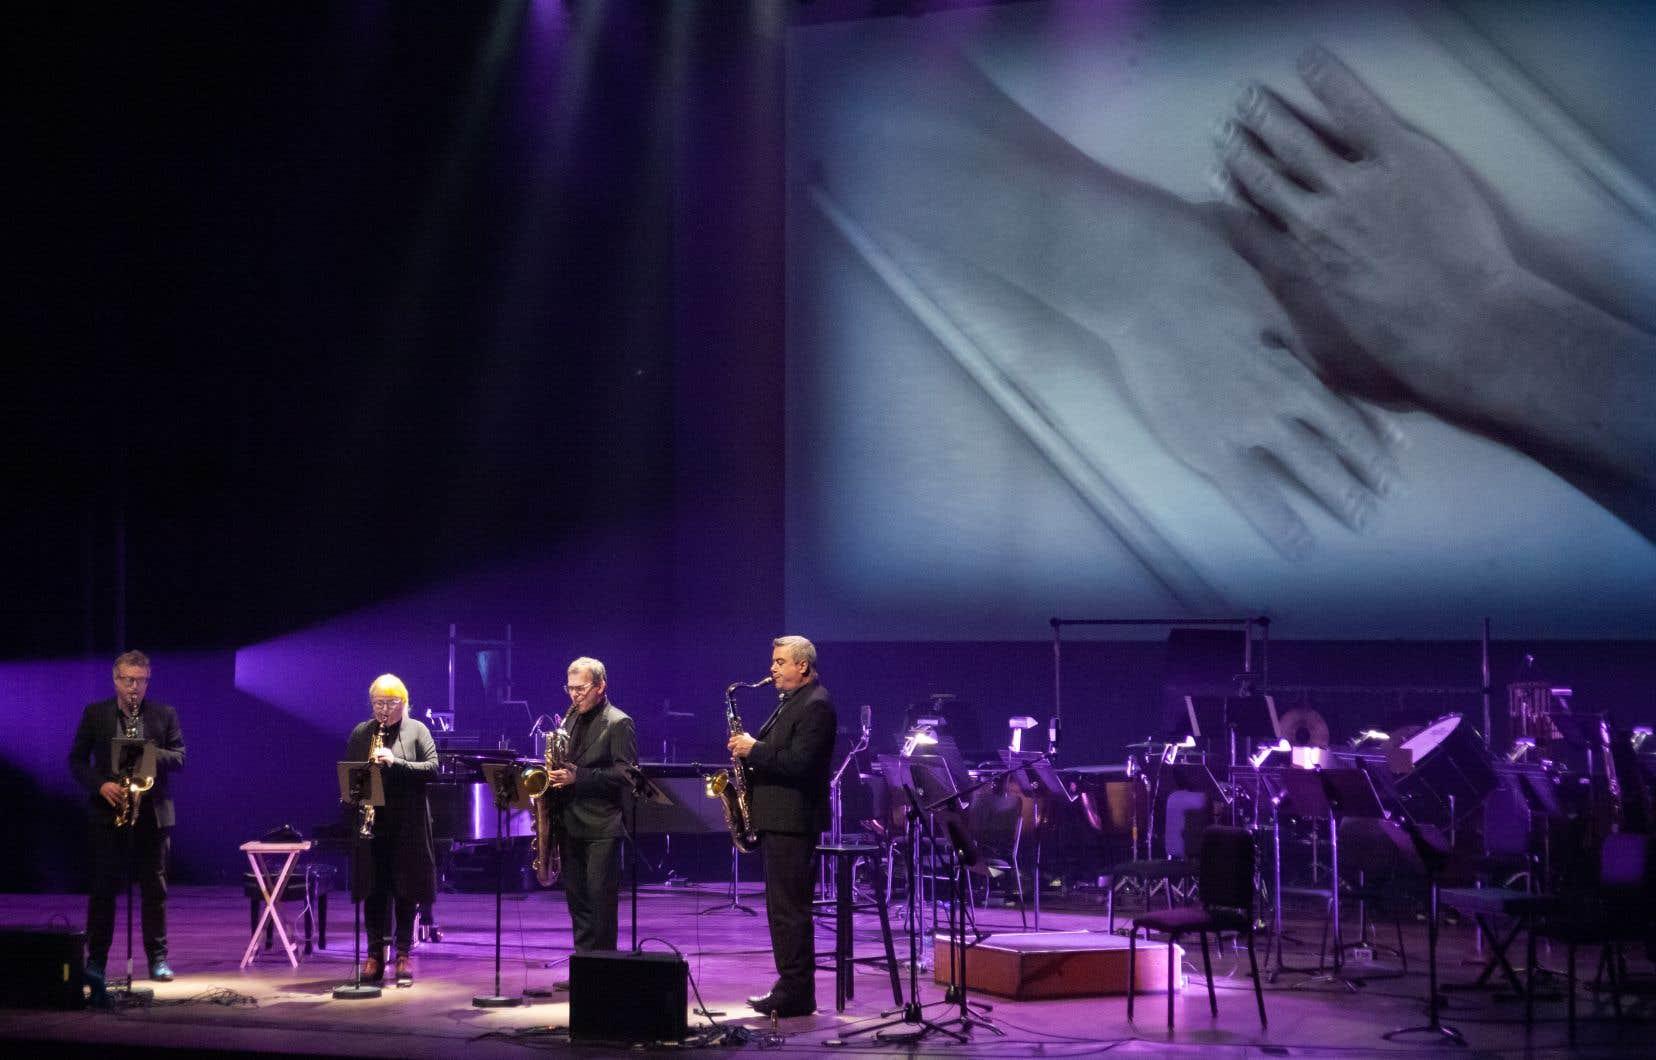 Toutes les œuvres interprétées lors du concert étaient accompagnées de vidéos artistiques abstraites projetées sur un écran.